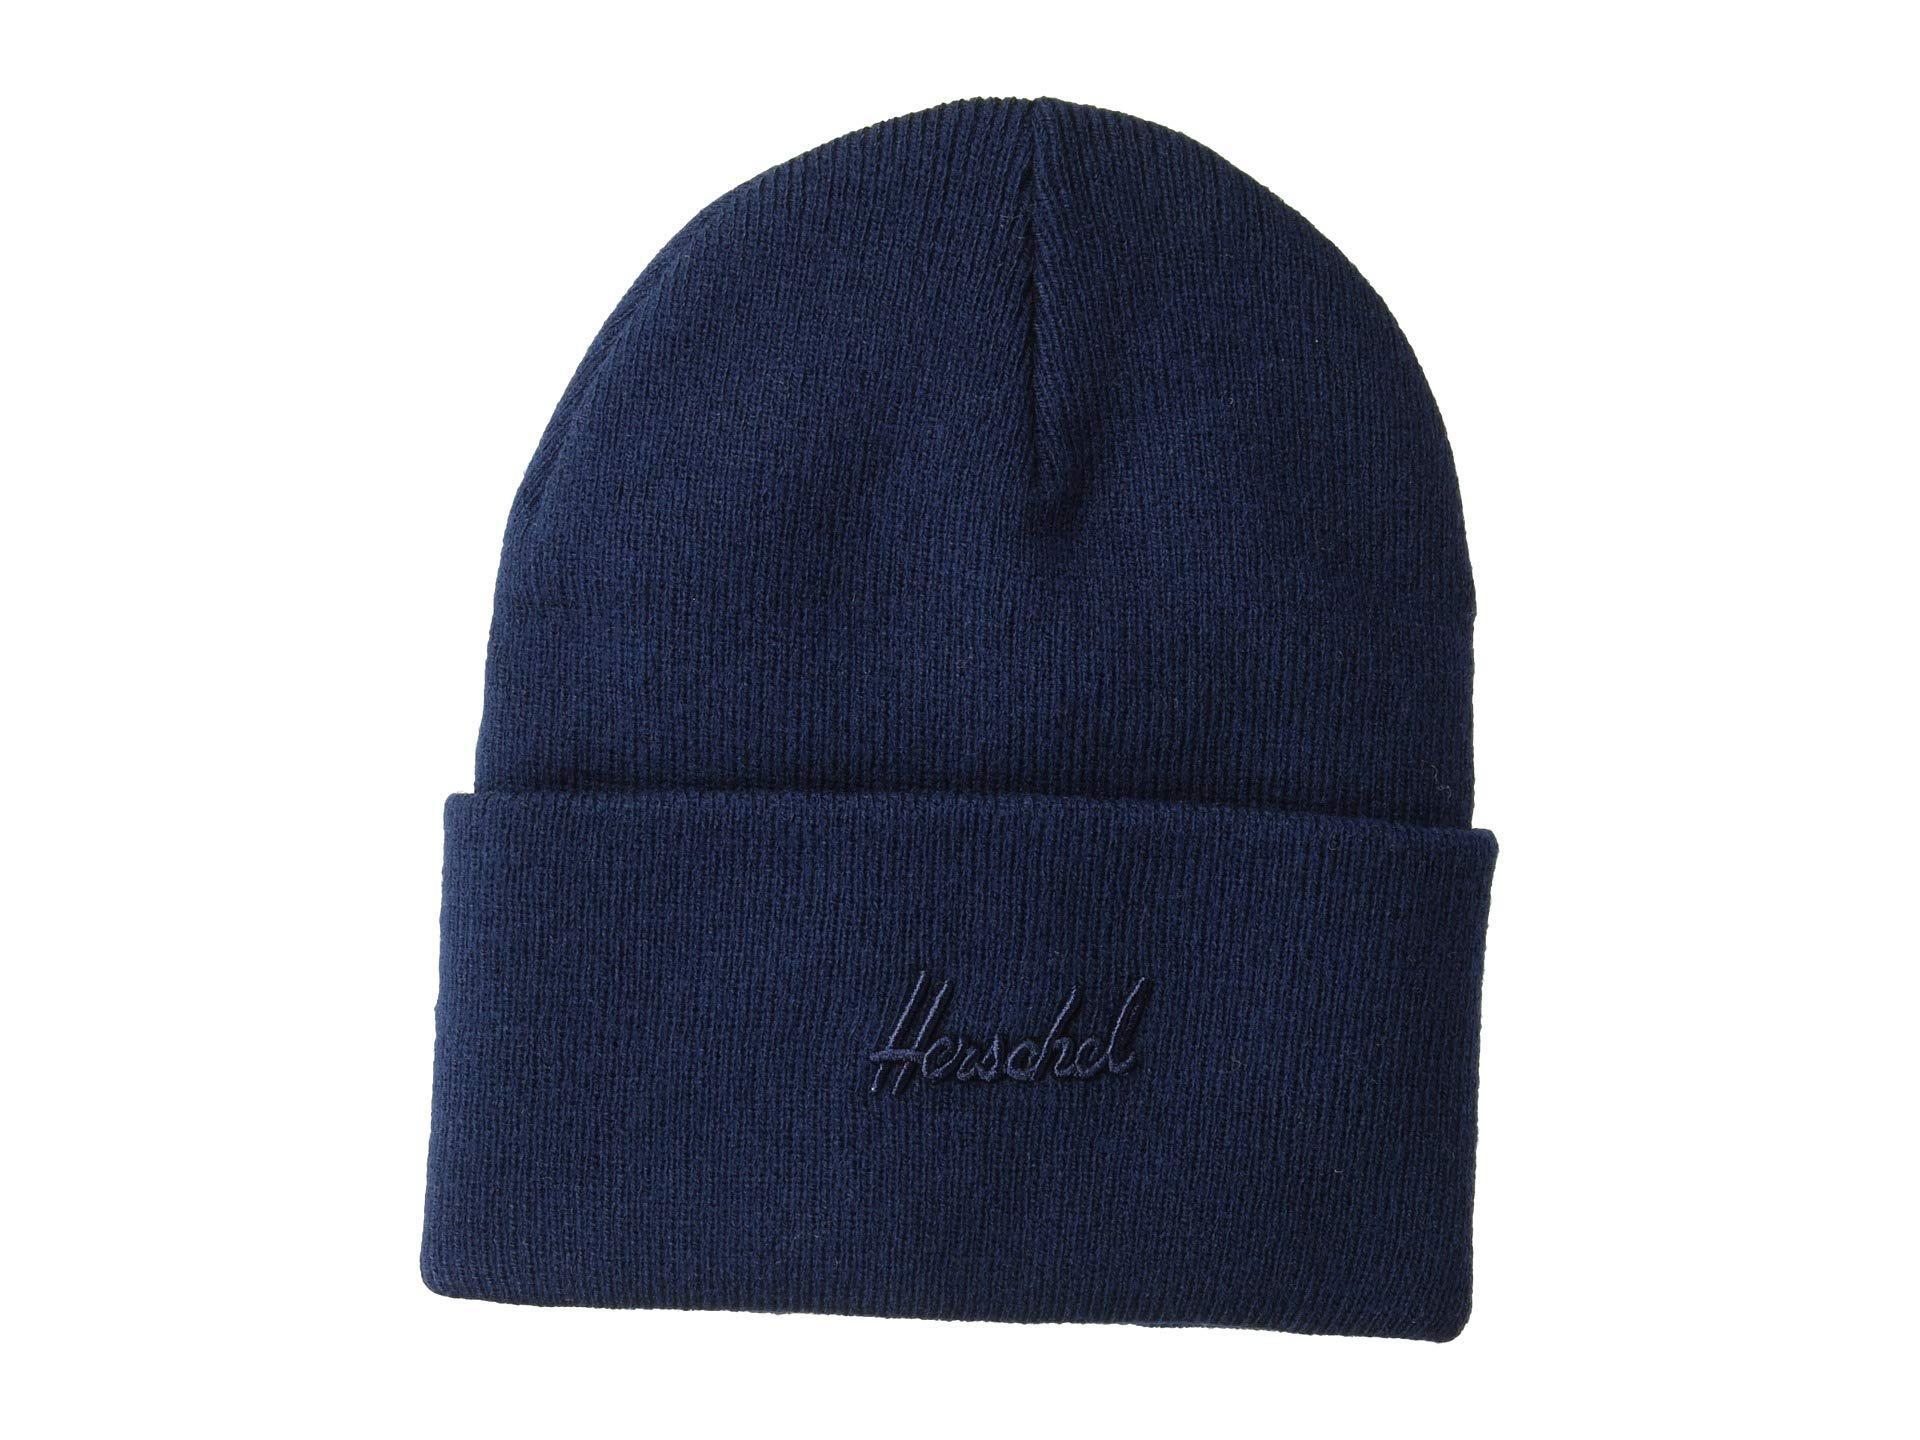 ec43ffb9c7bb9d Lyst - Herschel Supply Co. Aden (peacoat) Beanies in Blue for Men